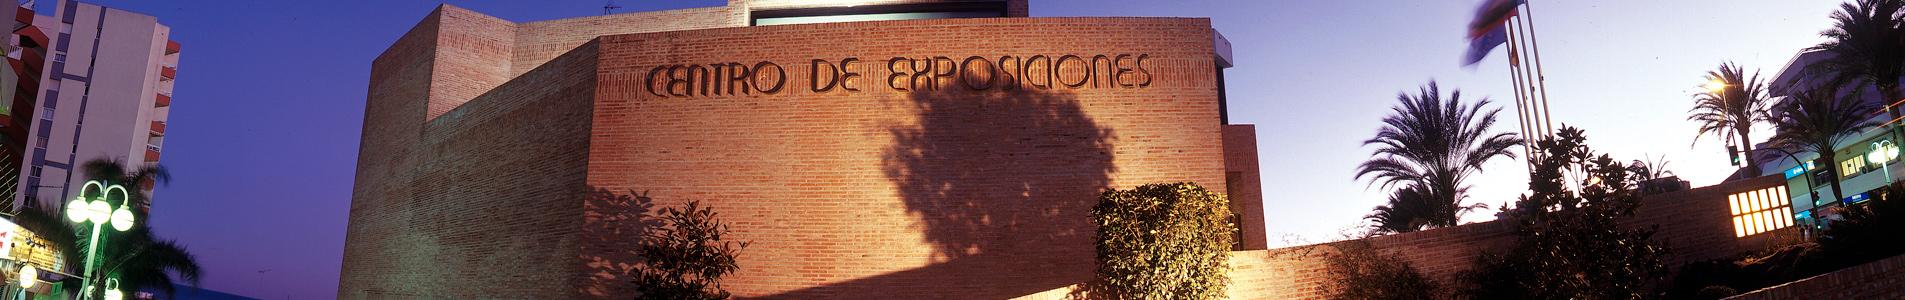 Centro de Exposiciones